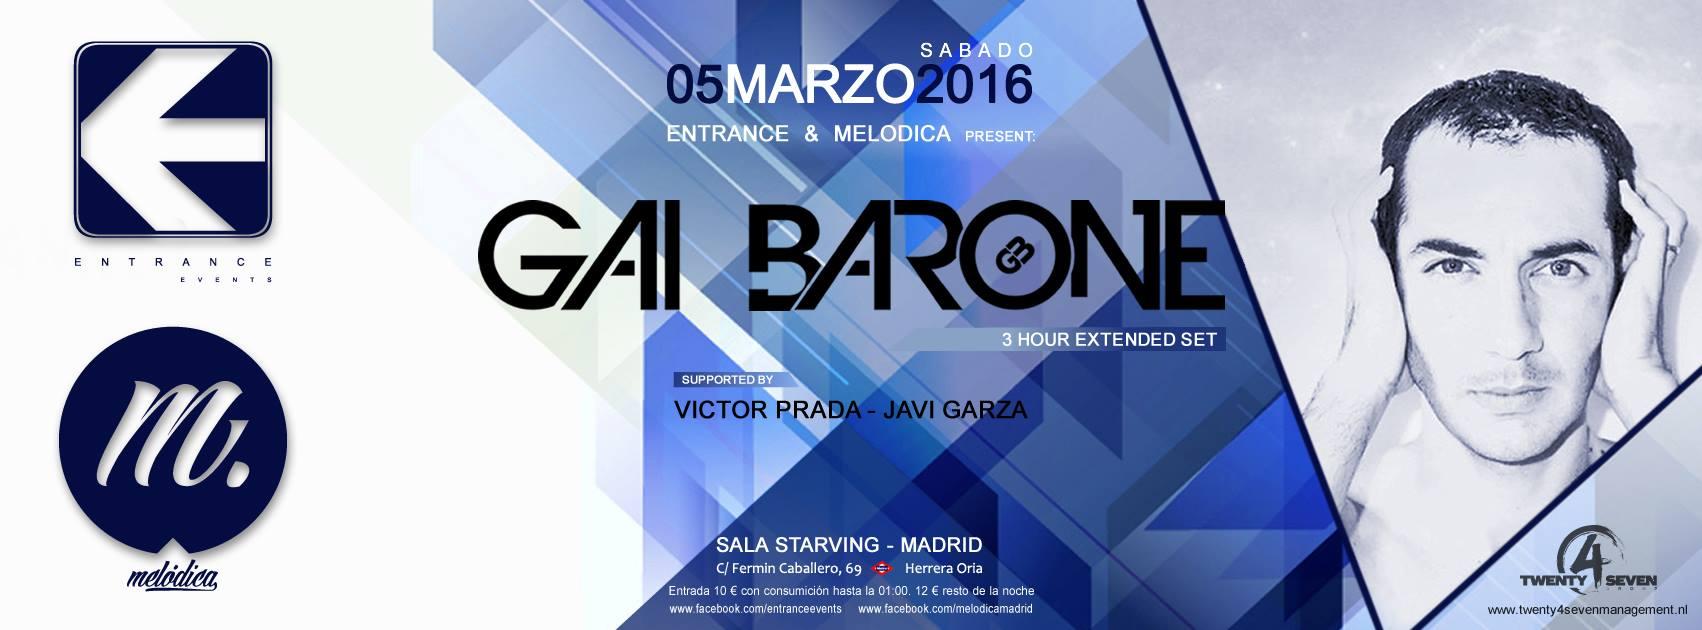 Entrance y Melodica unen fuerzas con Gai Barone en Madrid